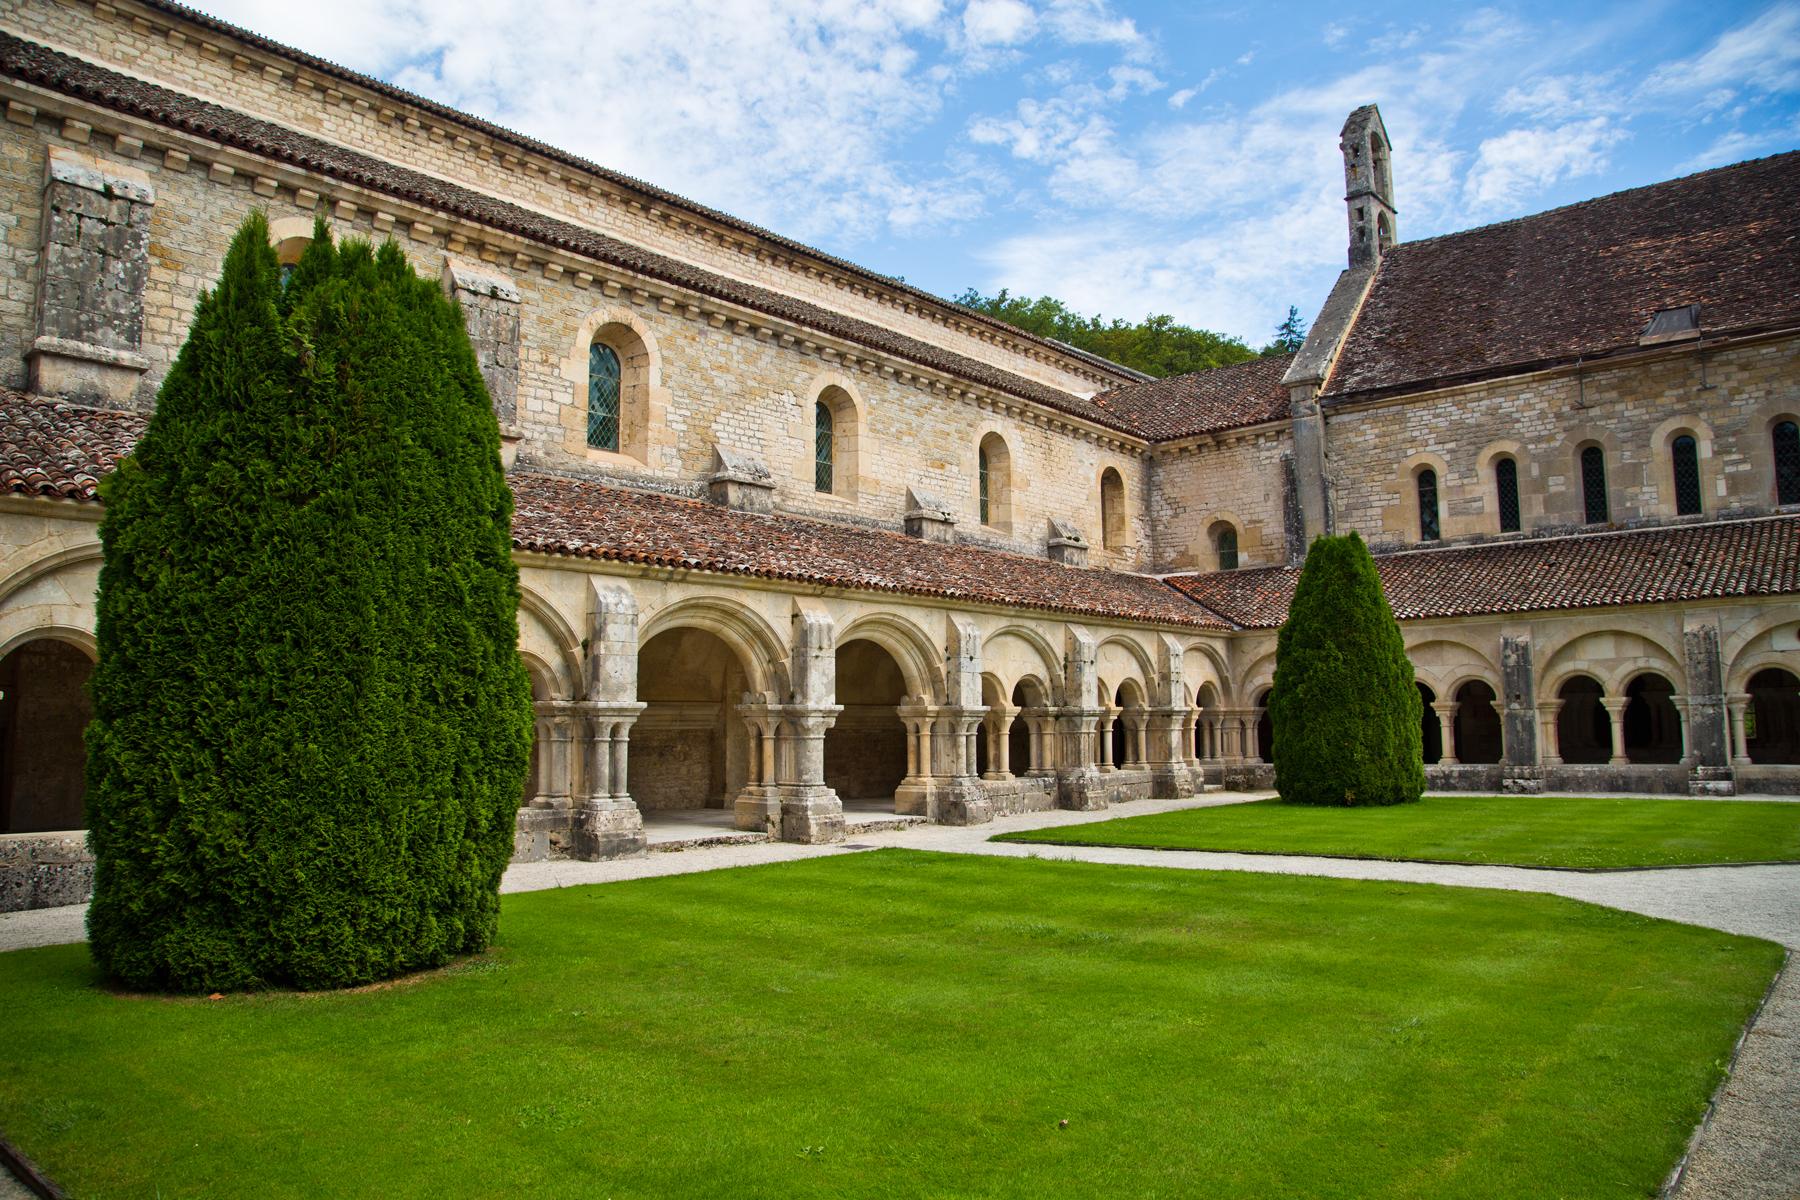 Innenhof-Kreuzgang-Fontenay-Burgund-Abtei-Klosteranlage-Côte d'Or